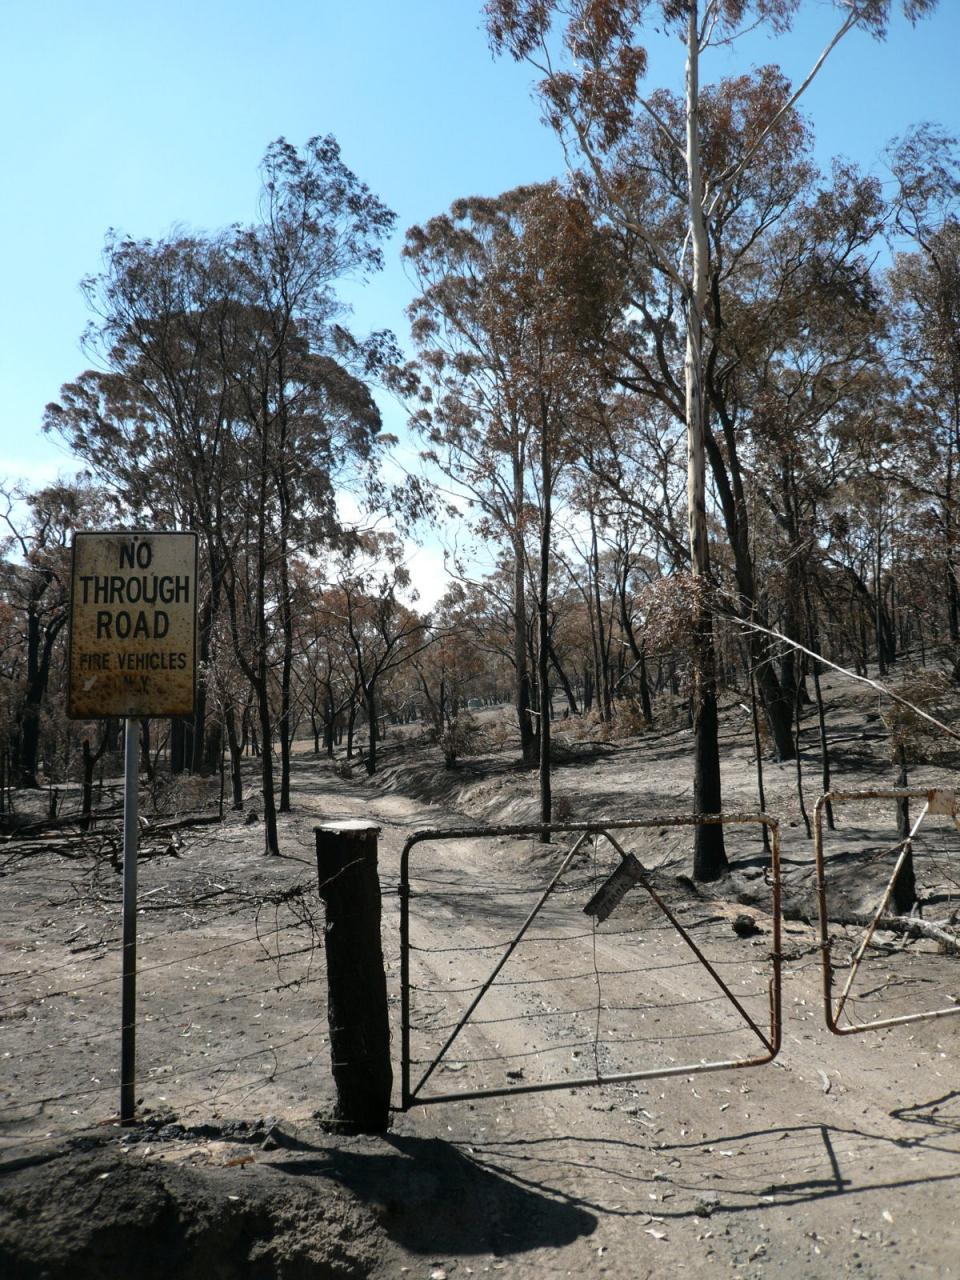 鎮火 オーストラリア 山 火事